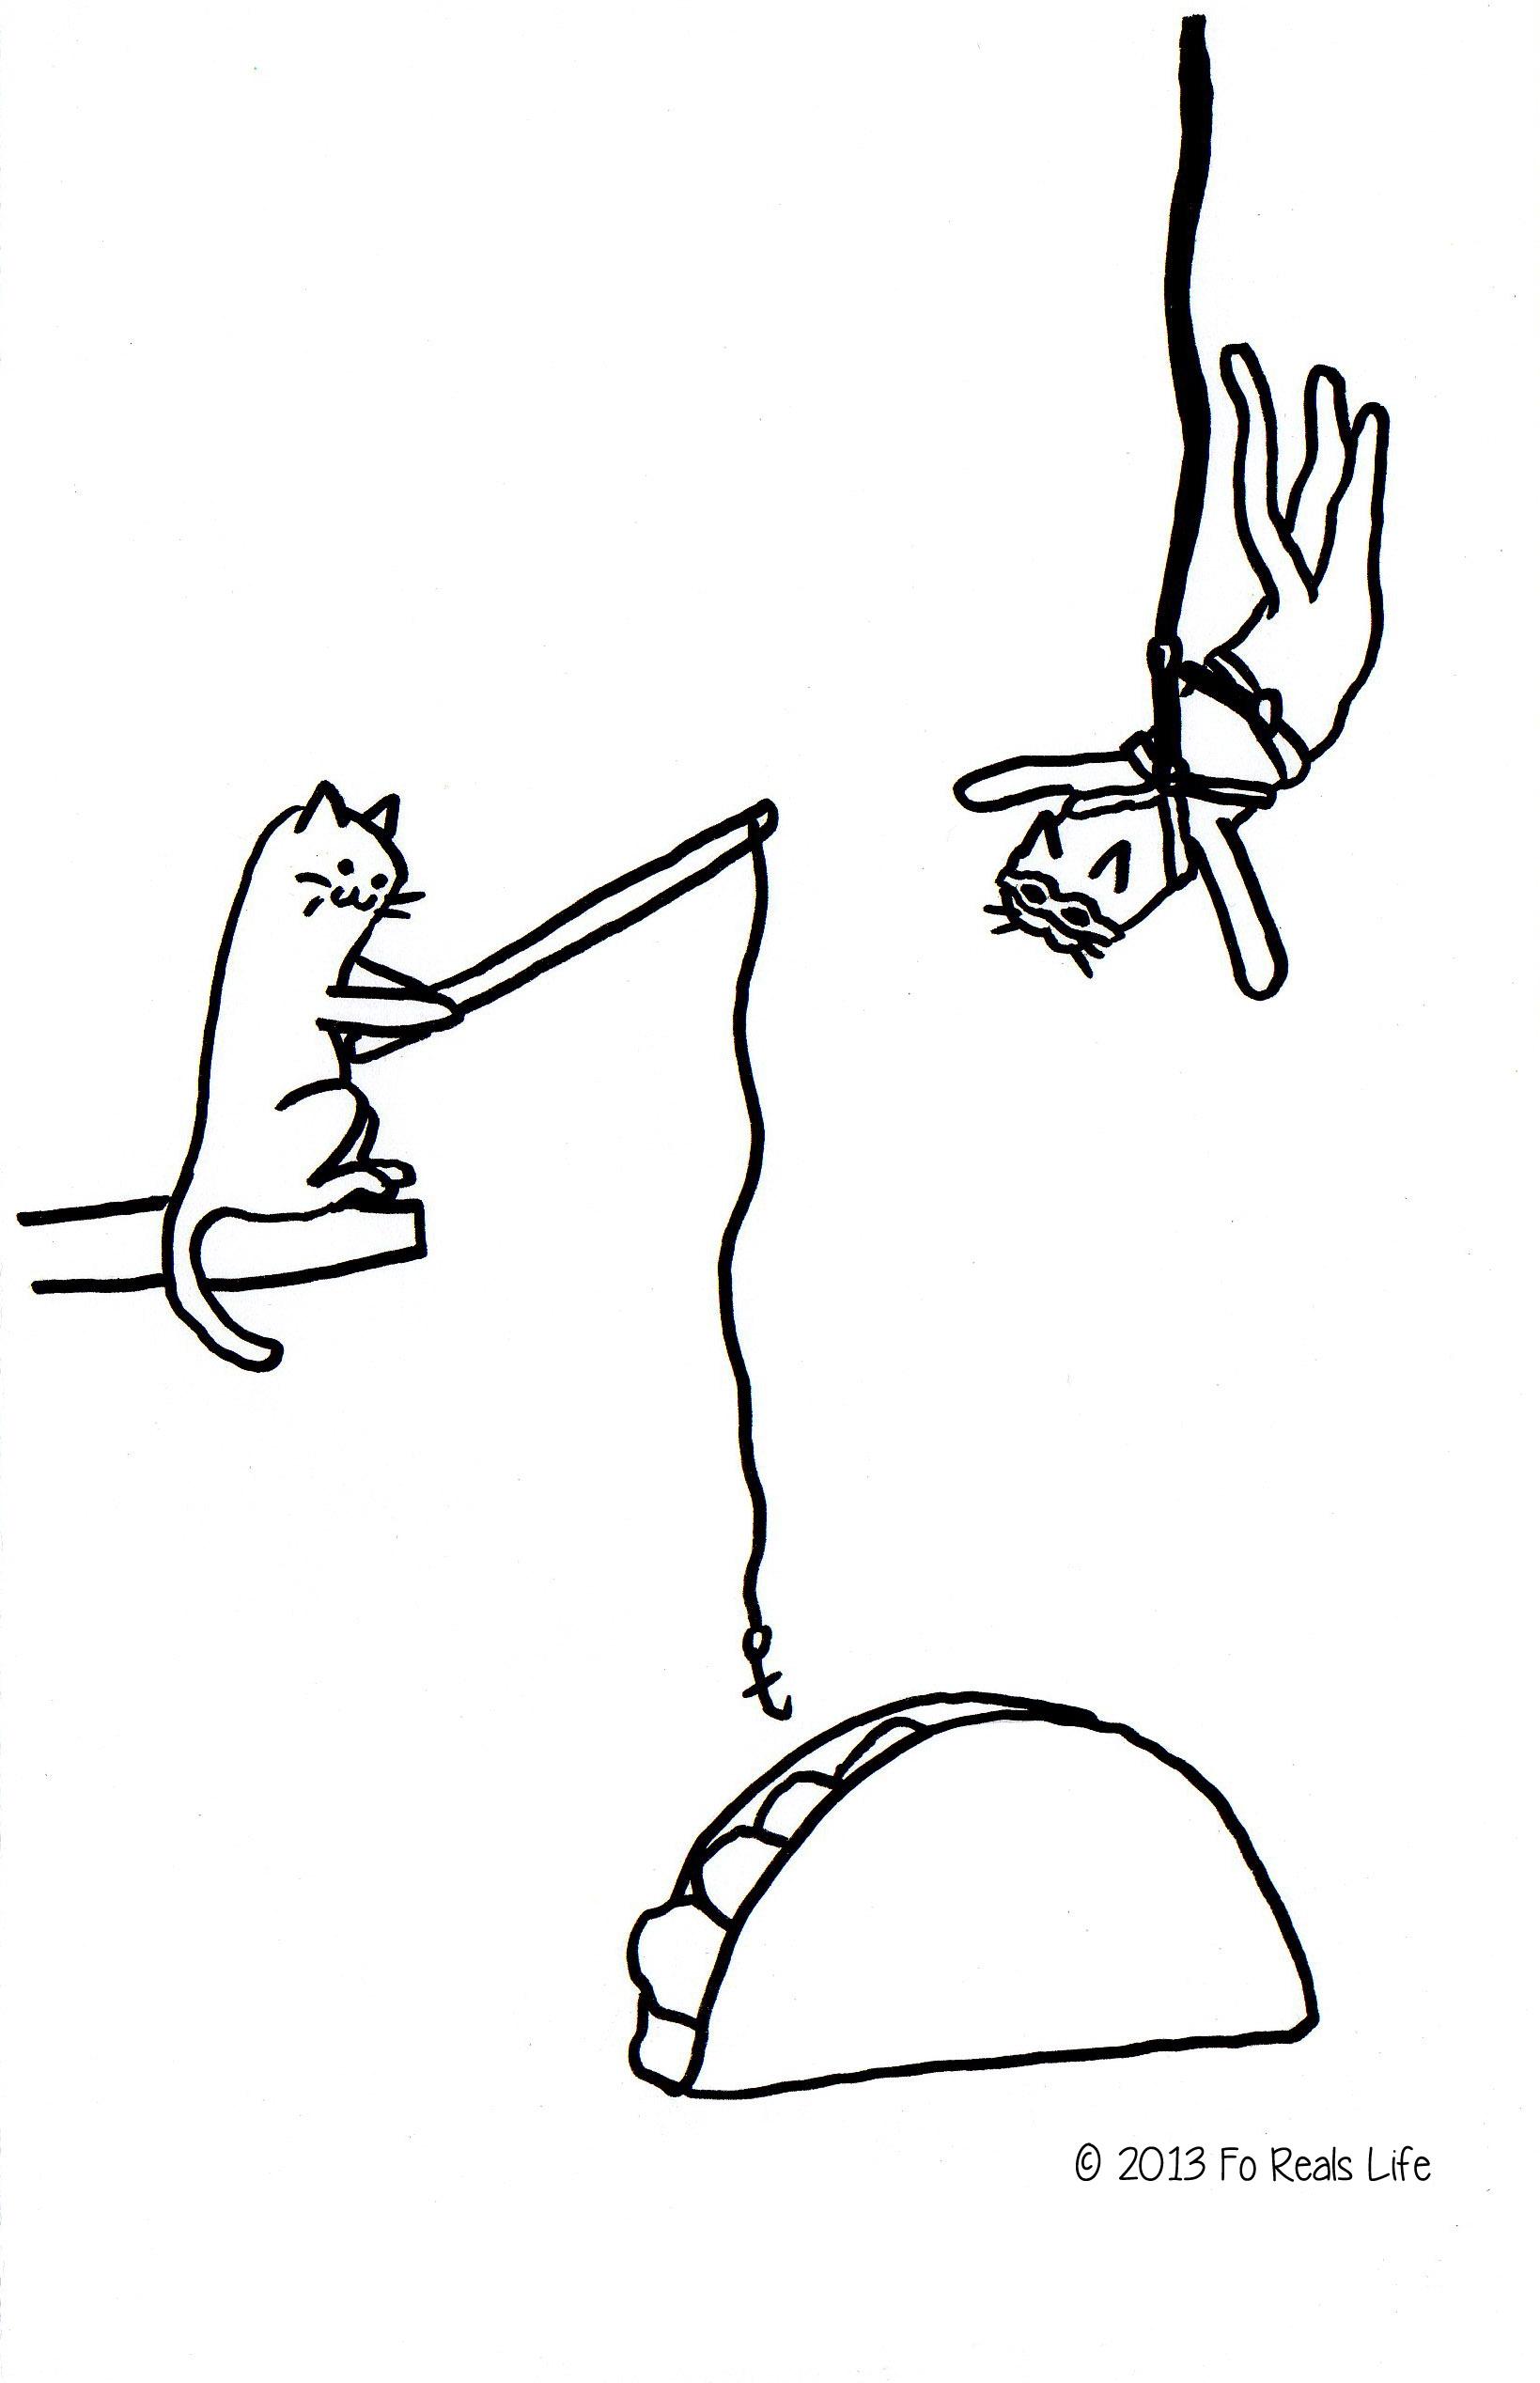 kittytacoparty.jpg